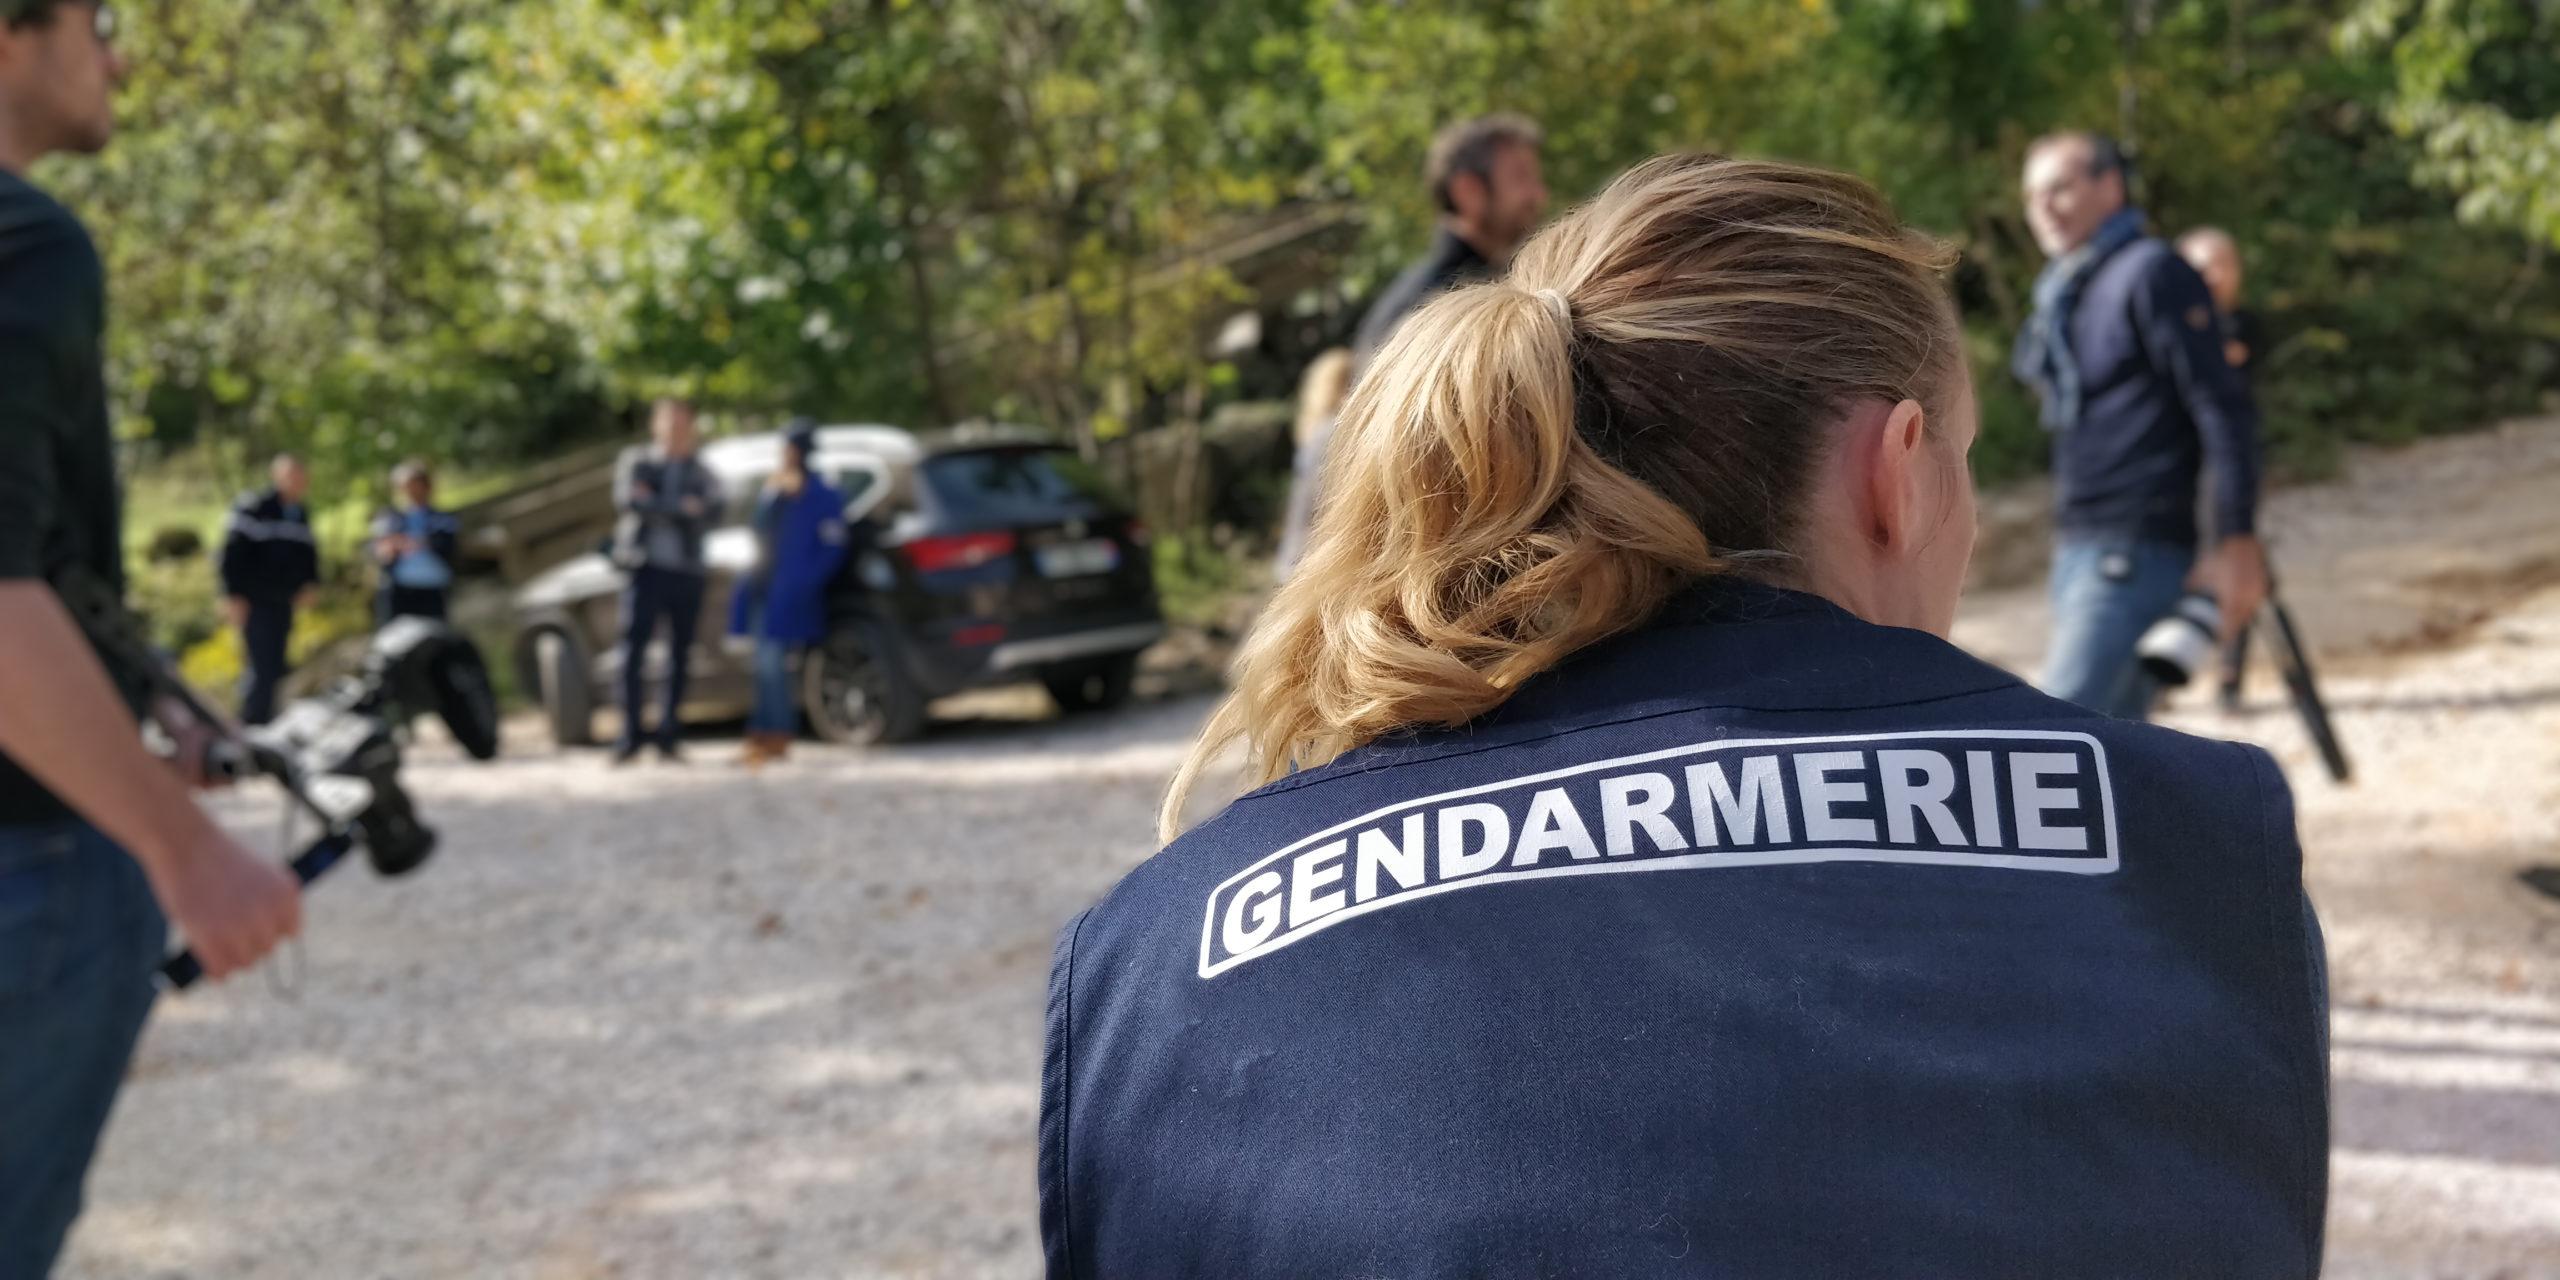 Enquête nationale sur la qualité du lien entre la population et les forces de sécurité intérieure. Photo : Christophe Colrat